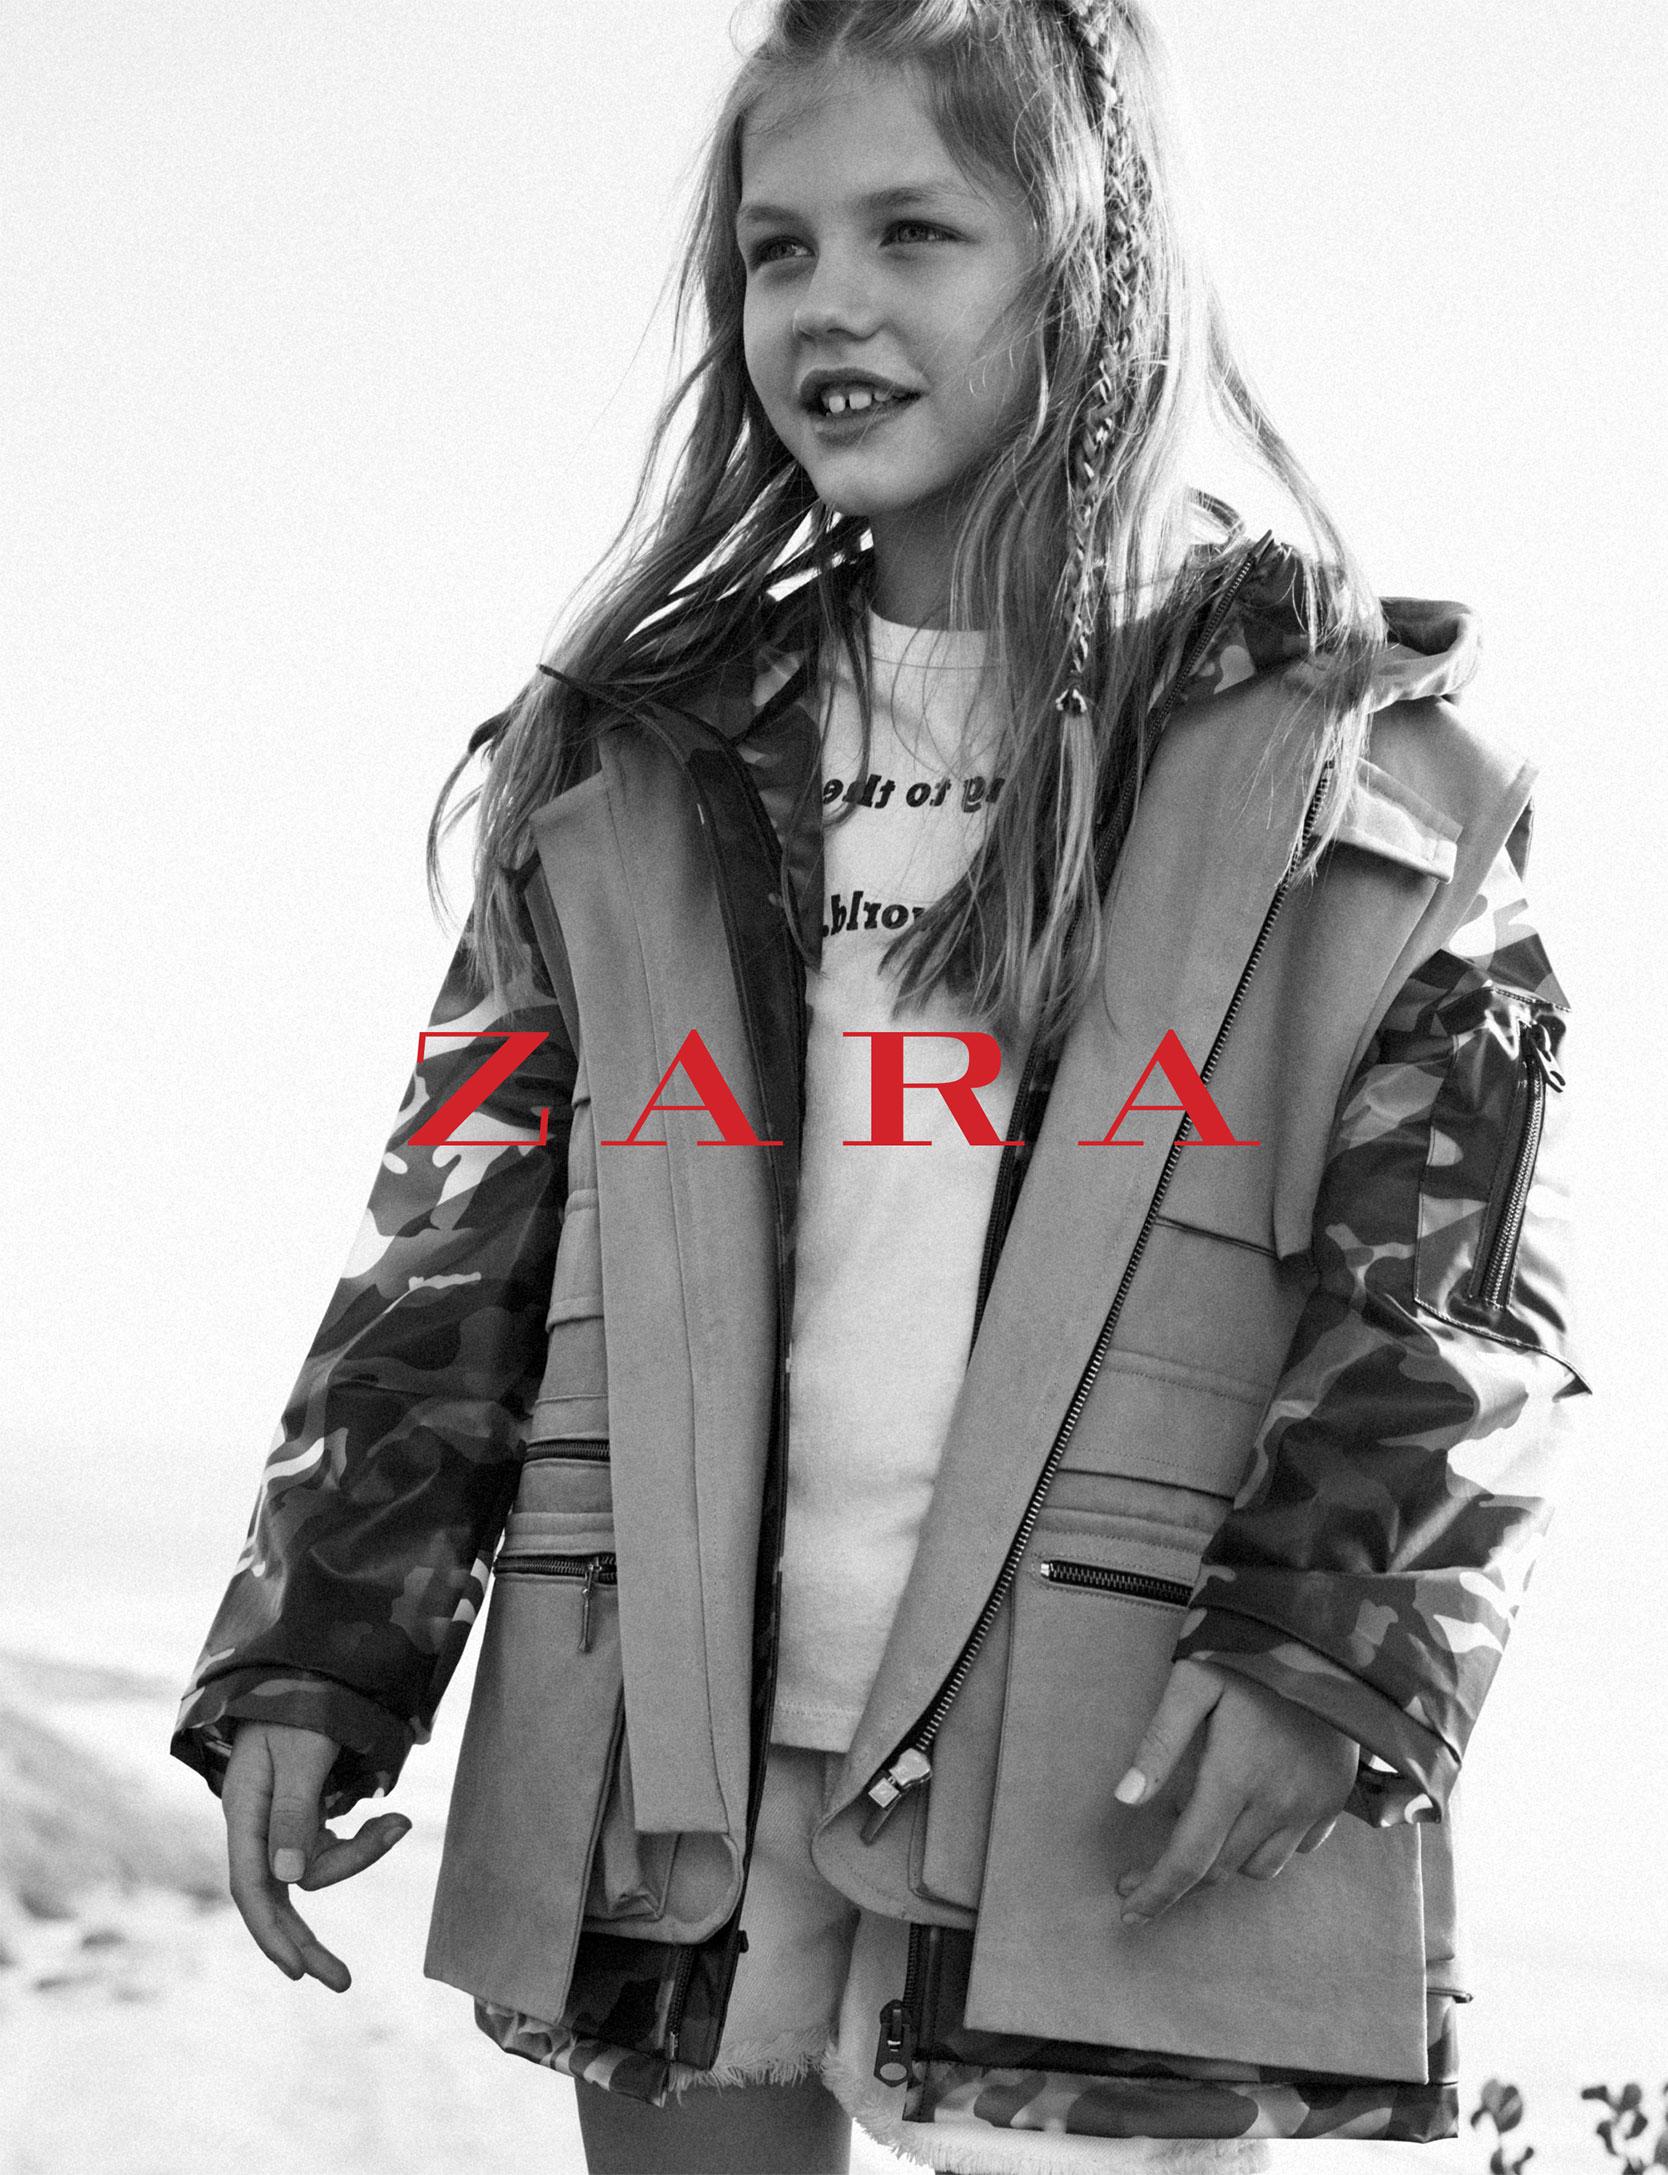 Zara Kids Spring/Summer 2018 Campaign